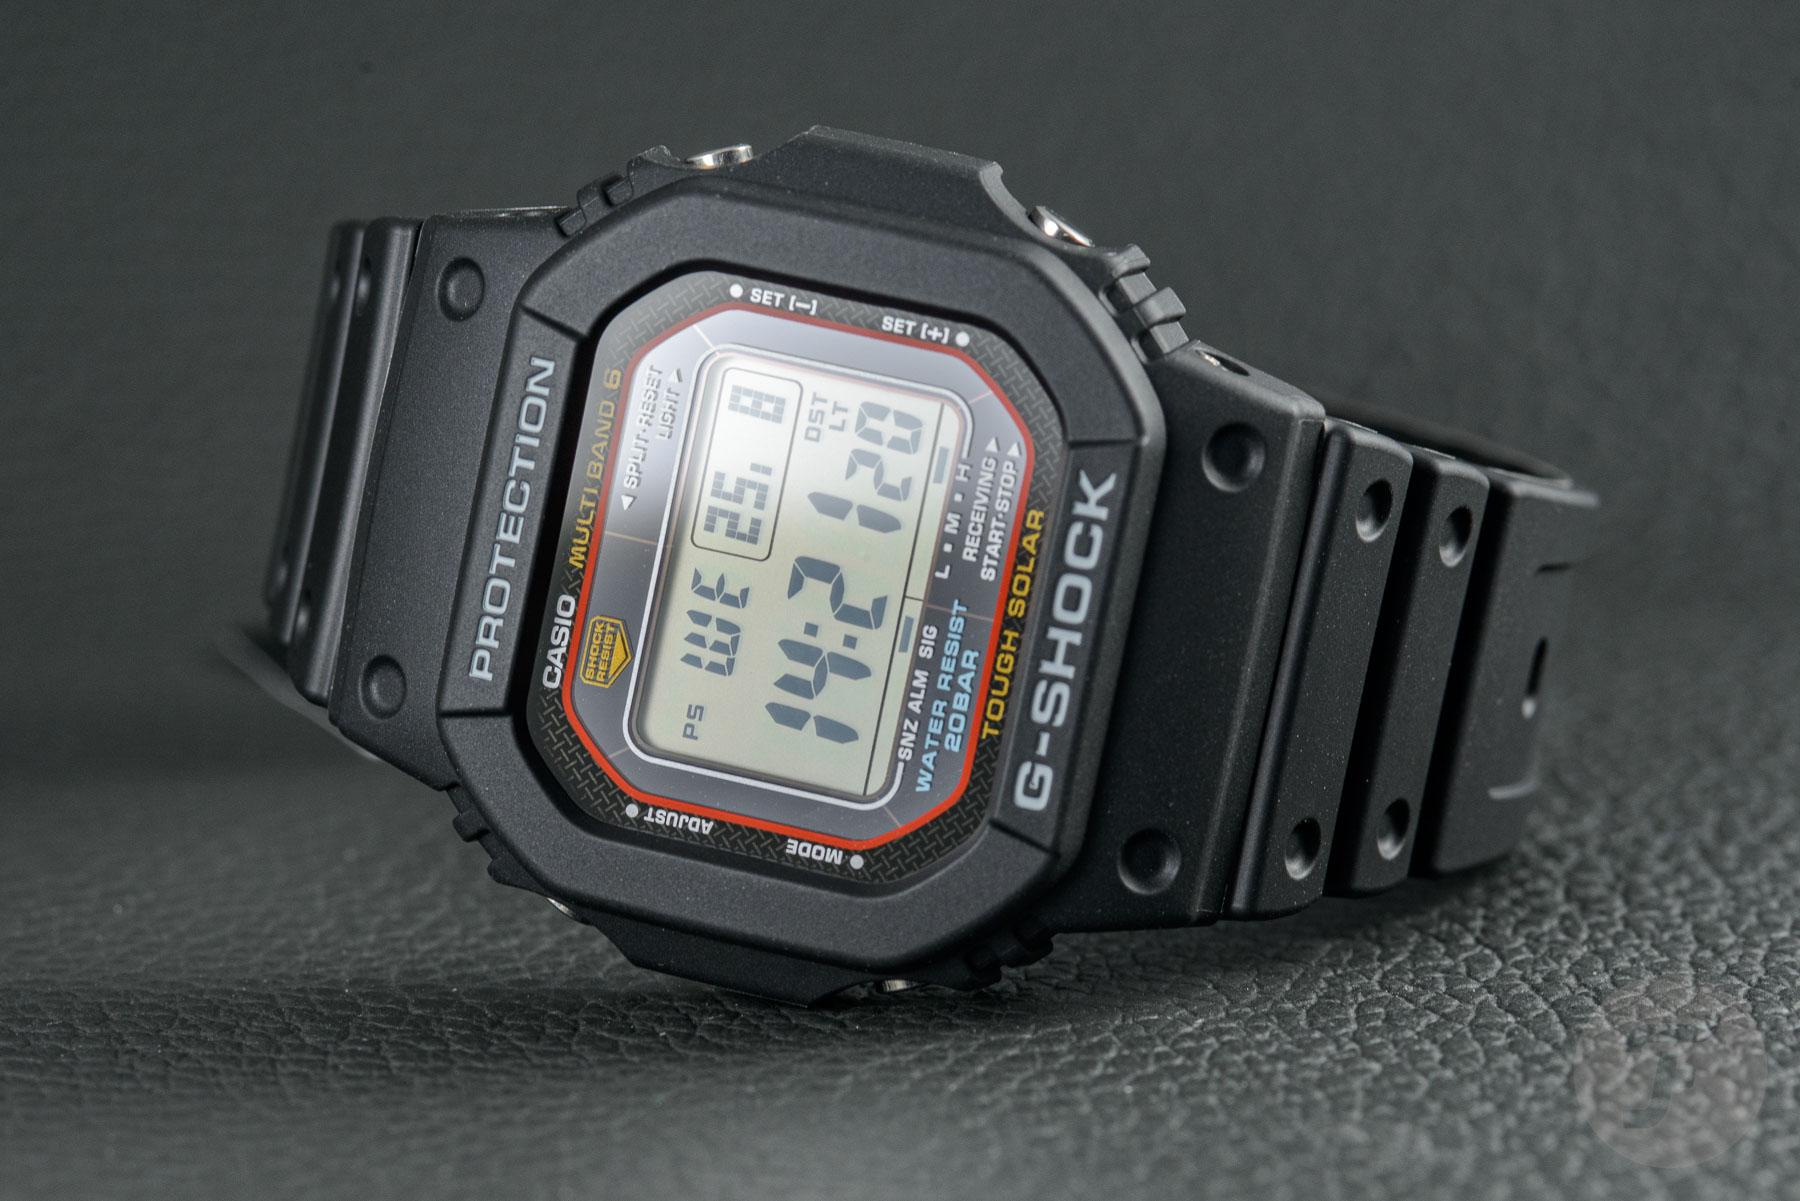 gshock gwm5610u 7003 - Đánh giá đồng hồ G-Shock Square GW-M5610U